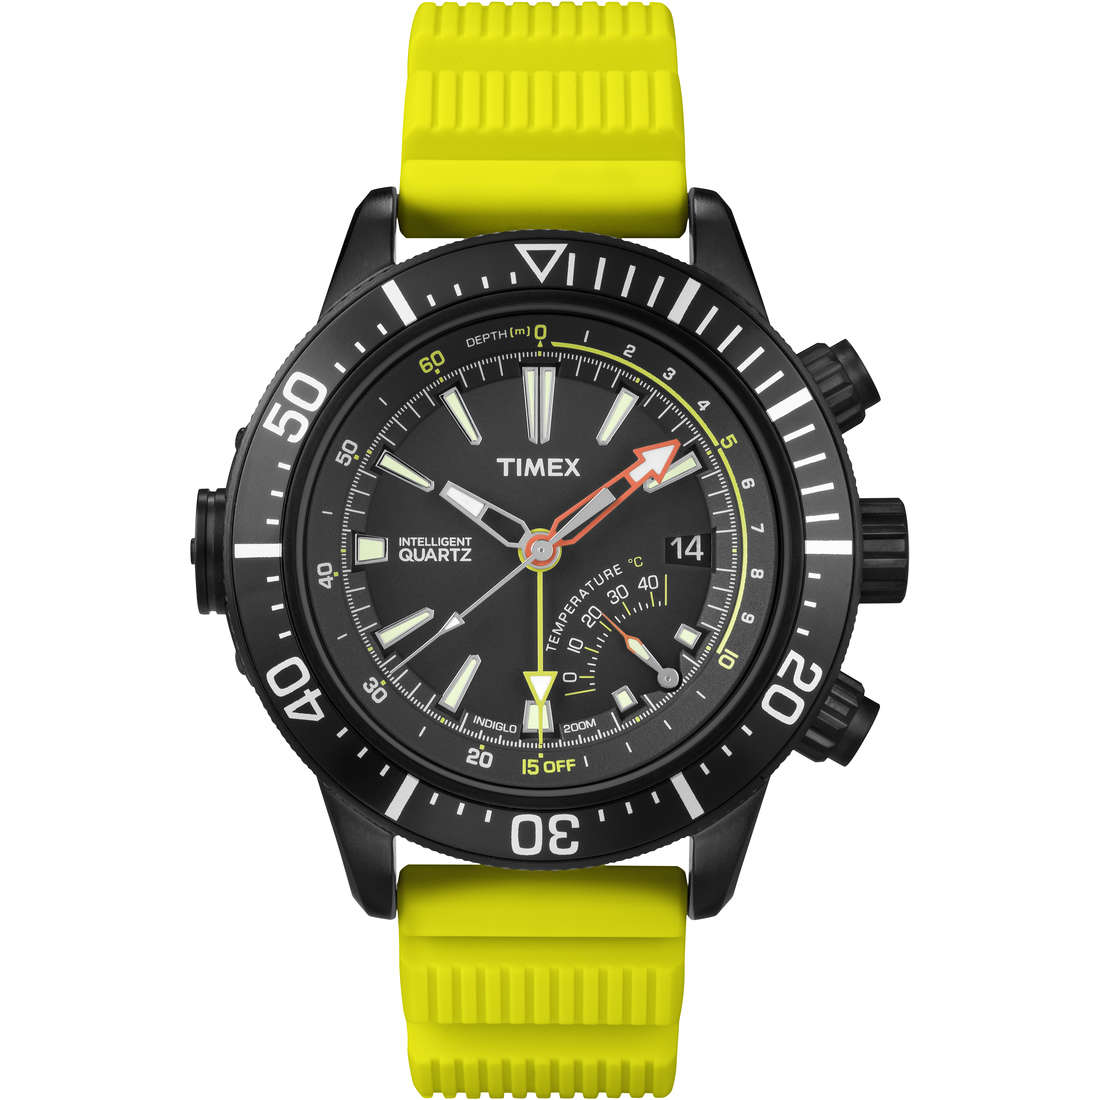 orologio multifunzione uomo Timex Iq Profondimetro T2N958